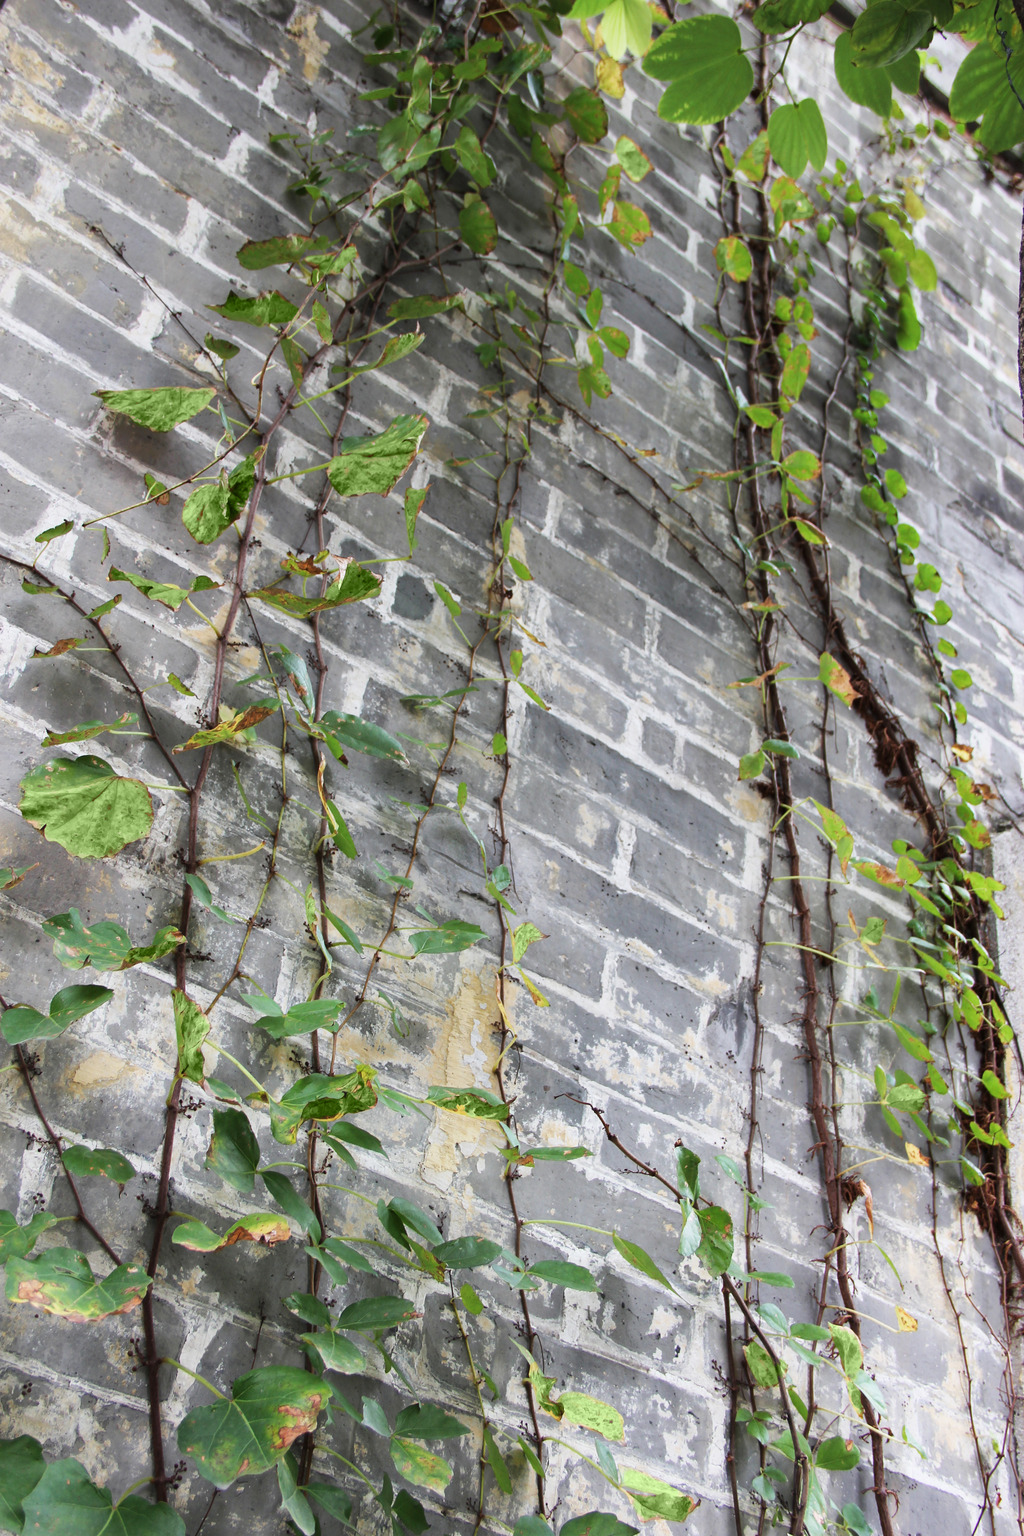 墙上爬藤植物模板下载 墙上爬藤植物图片下载墙上爬藤植物 爬藤植物